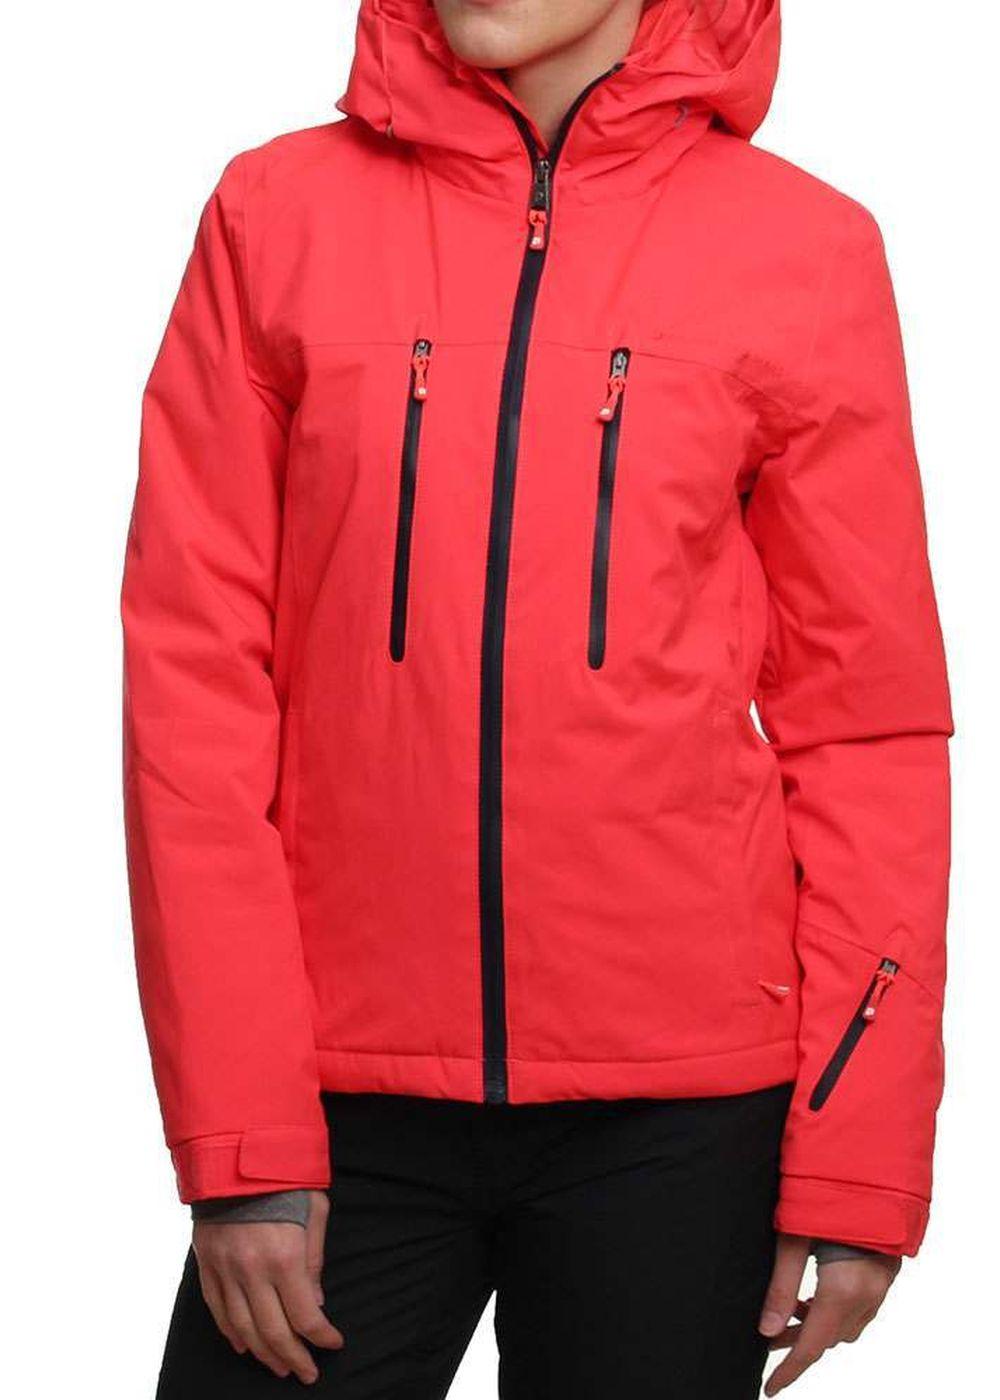 protest-giggile-snow-jacket-pink-cerise